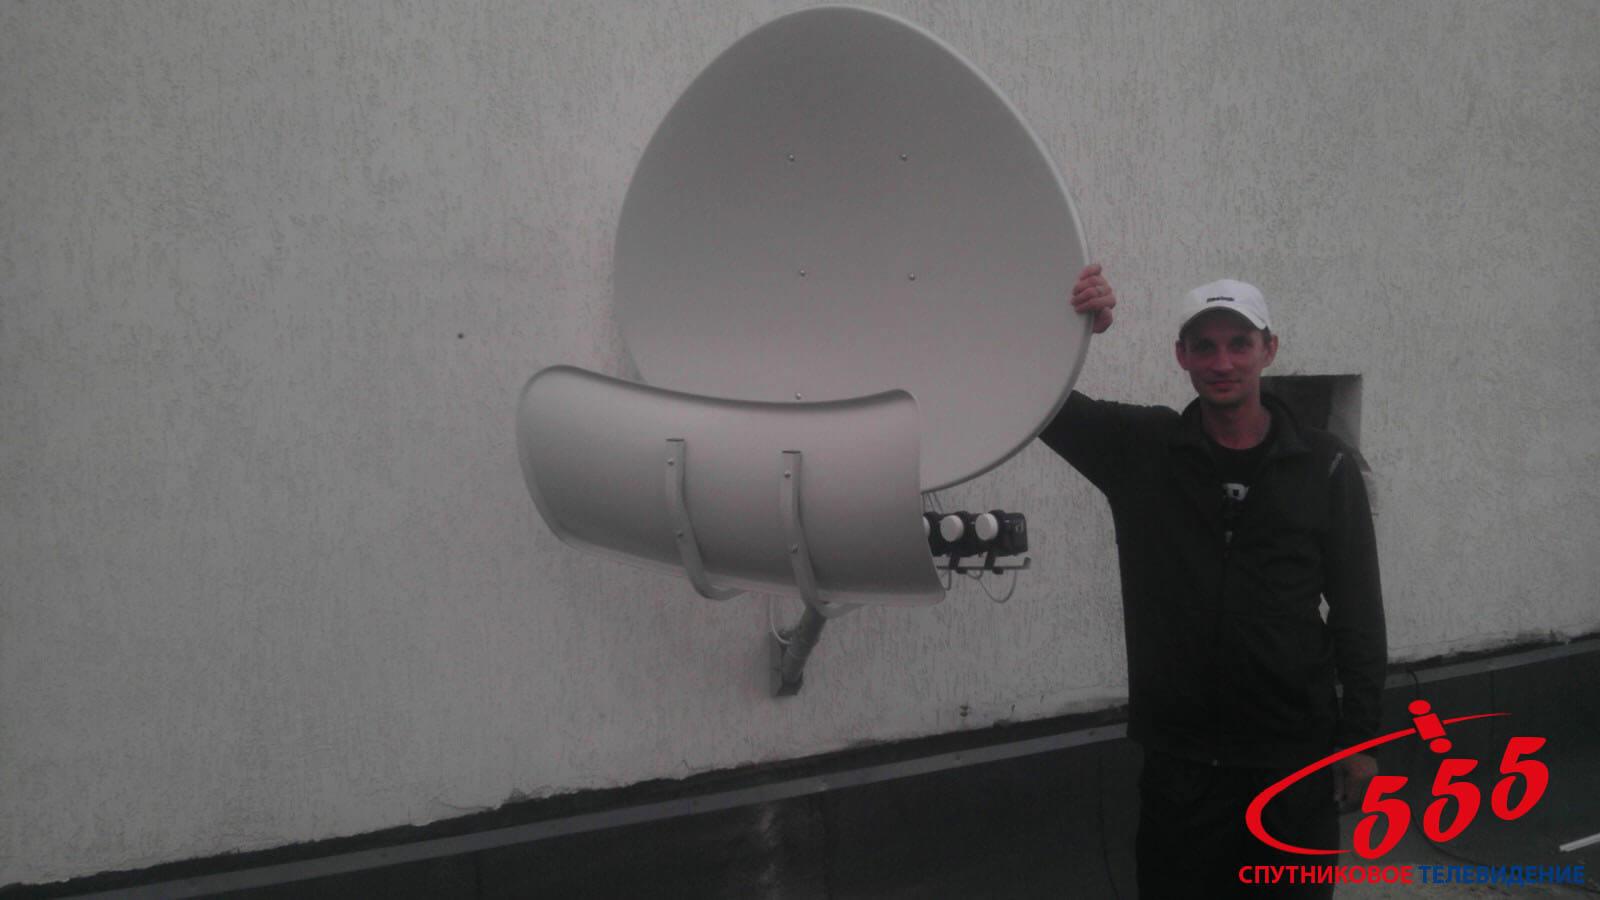 Фото спутниковой антенны Киев